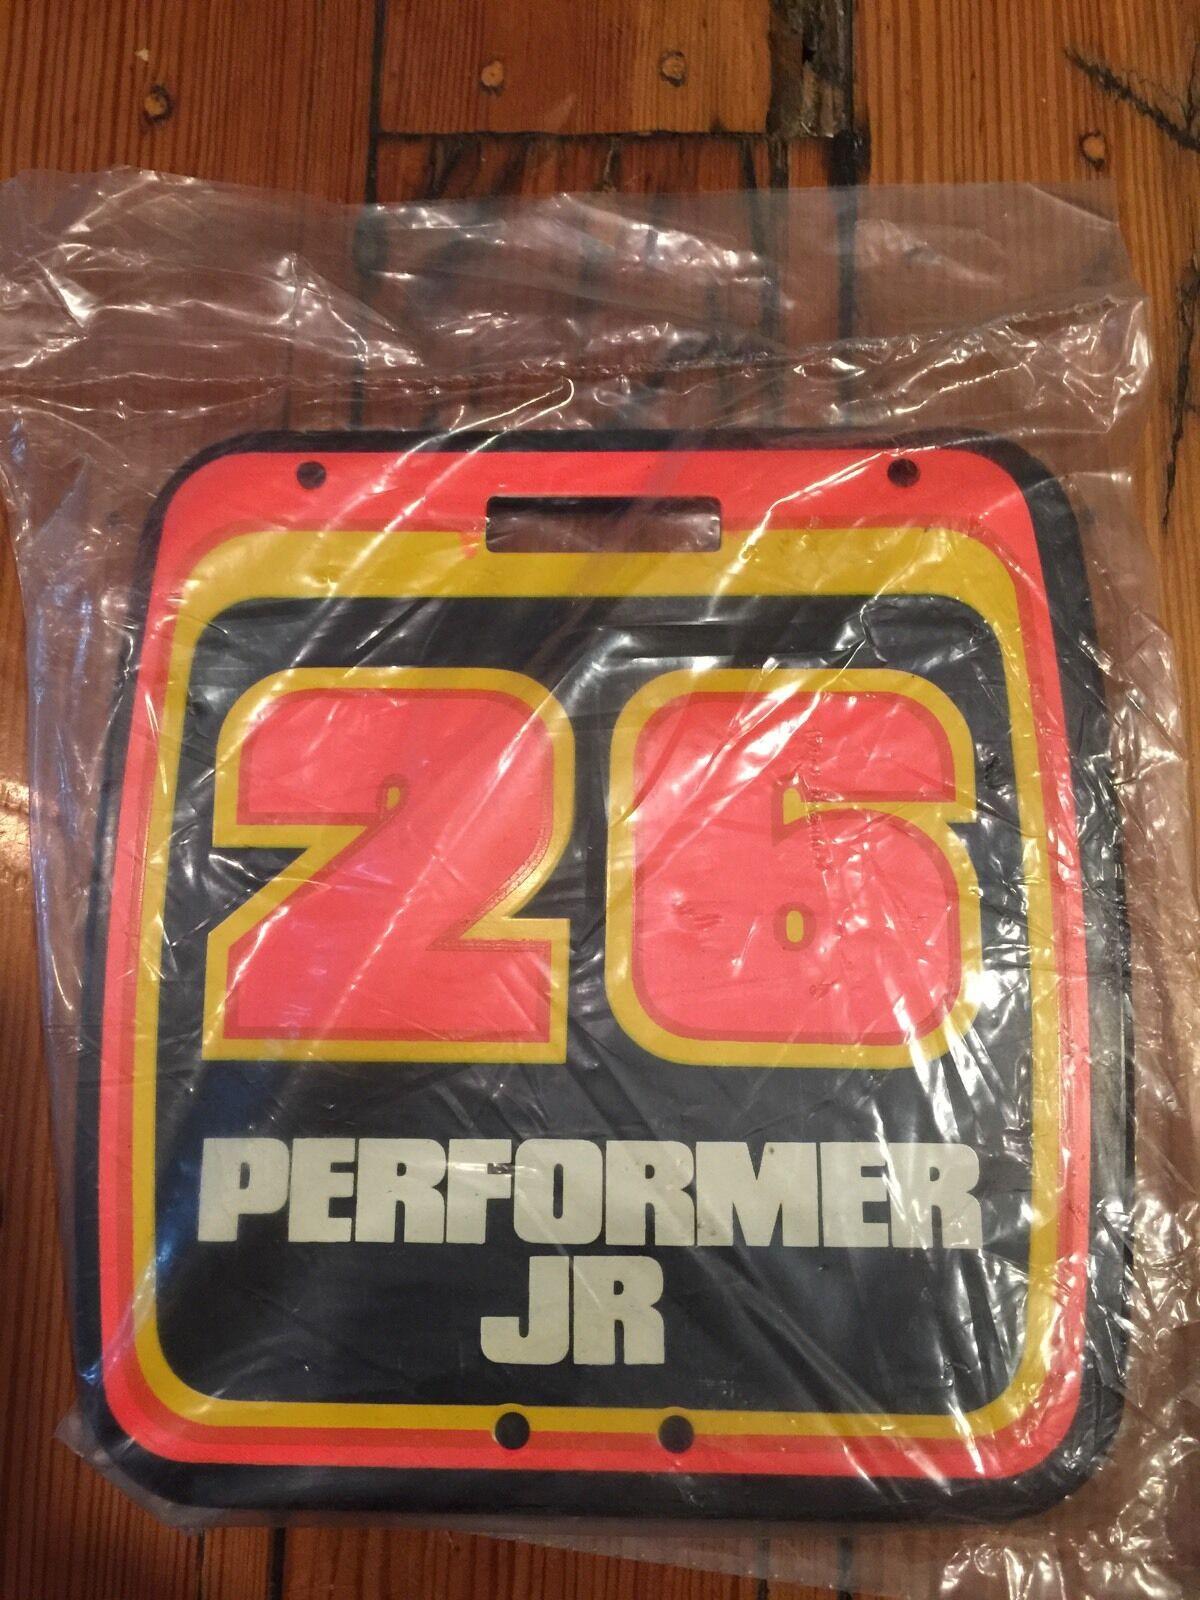 Vintage NOS Old School Performer JR  Number Plate - MX-BMX-